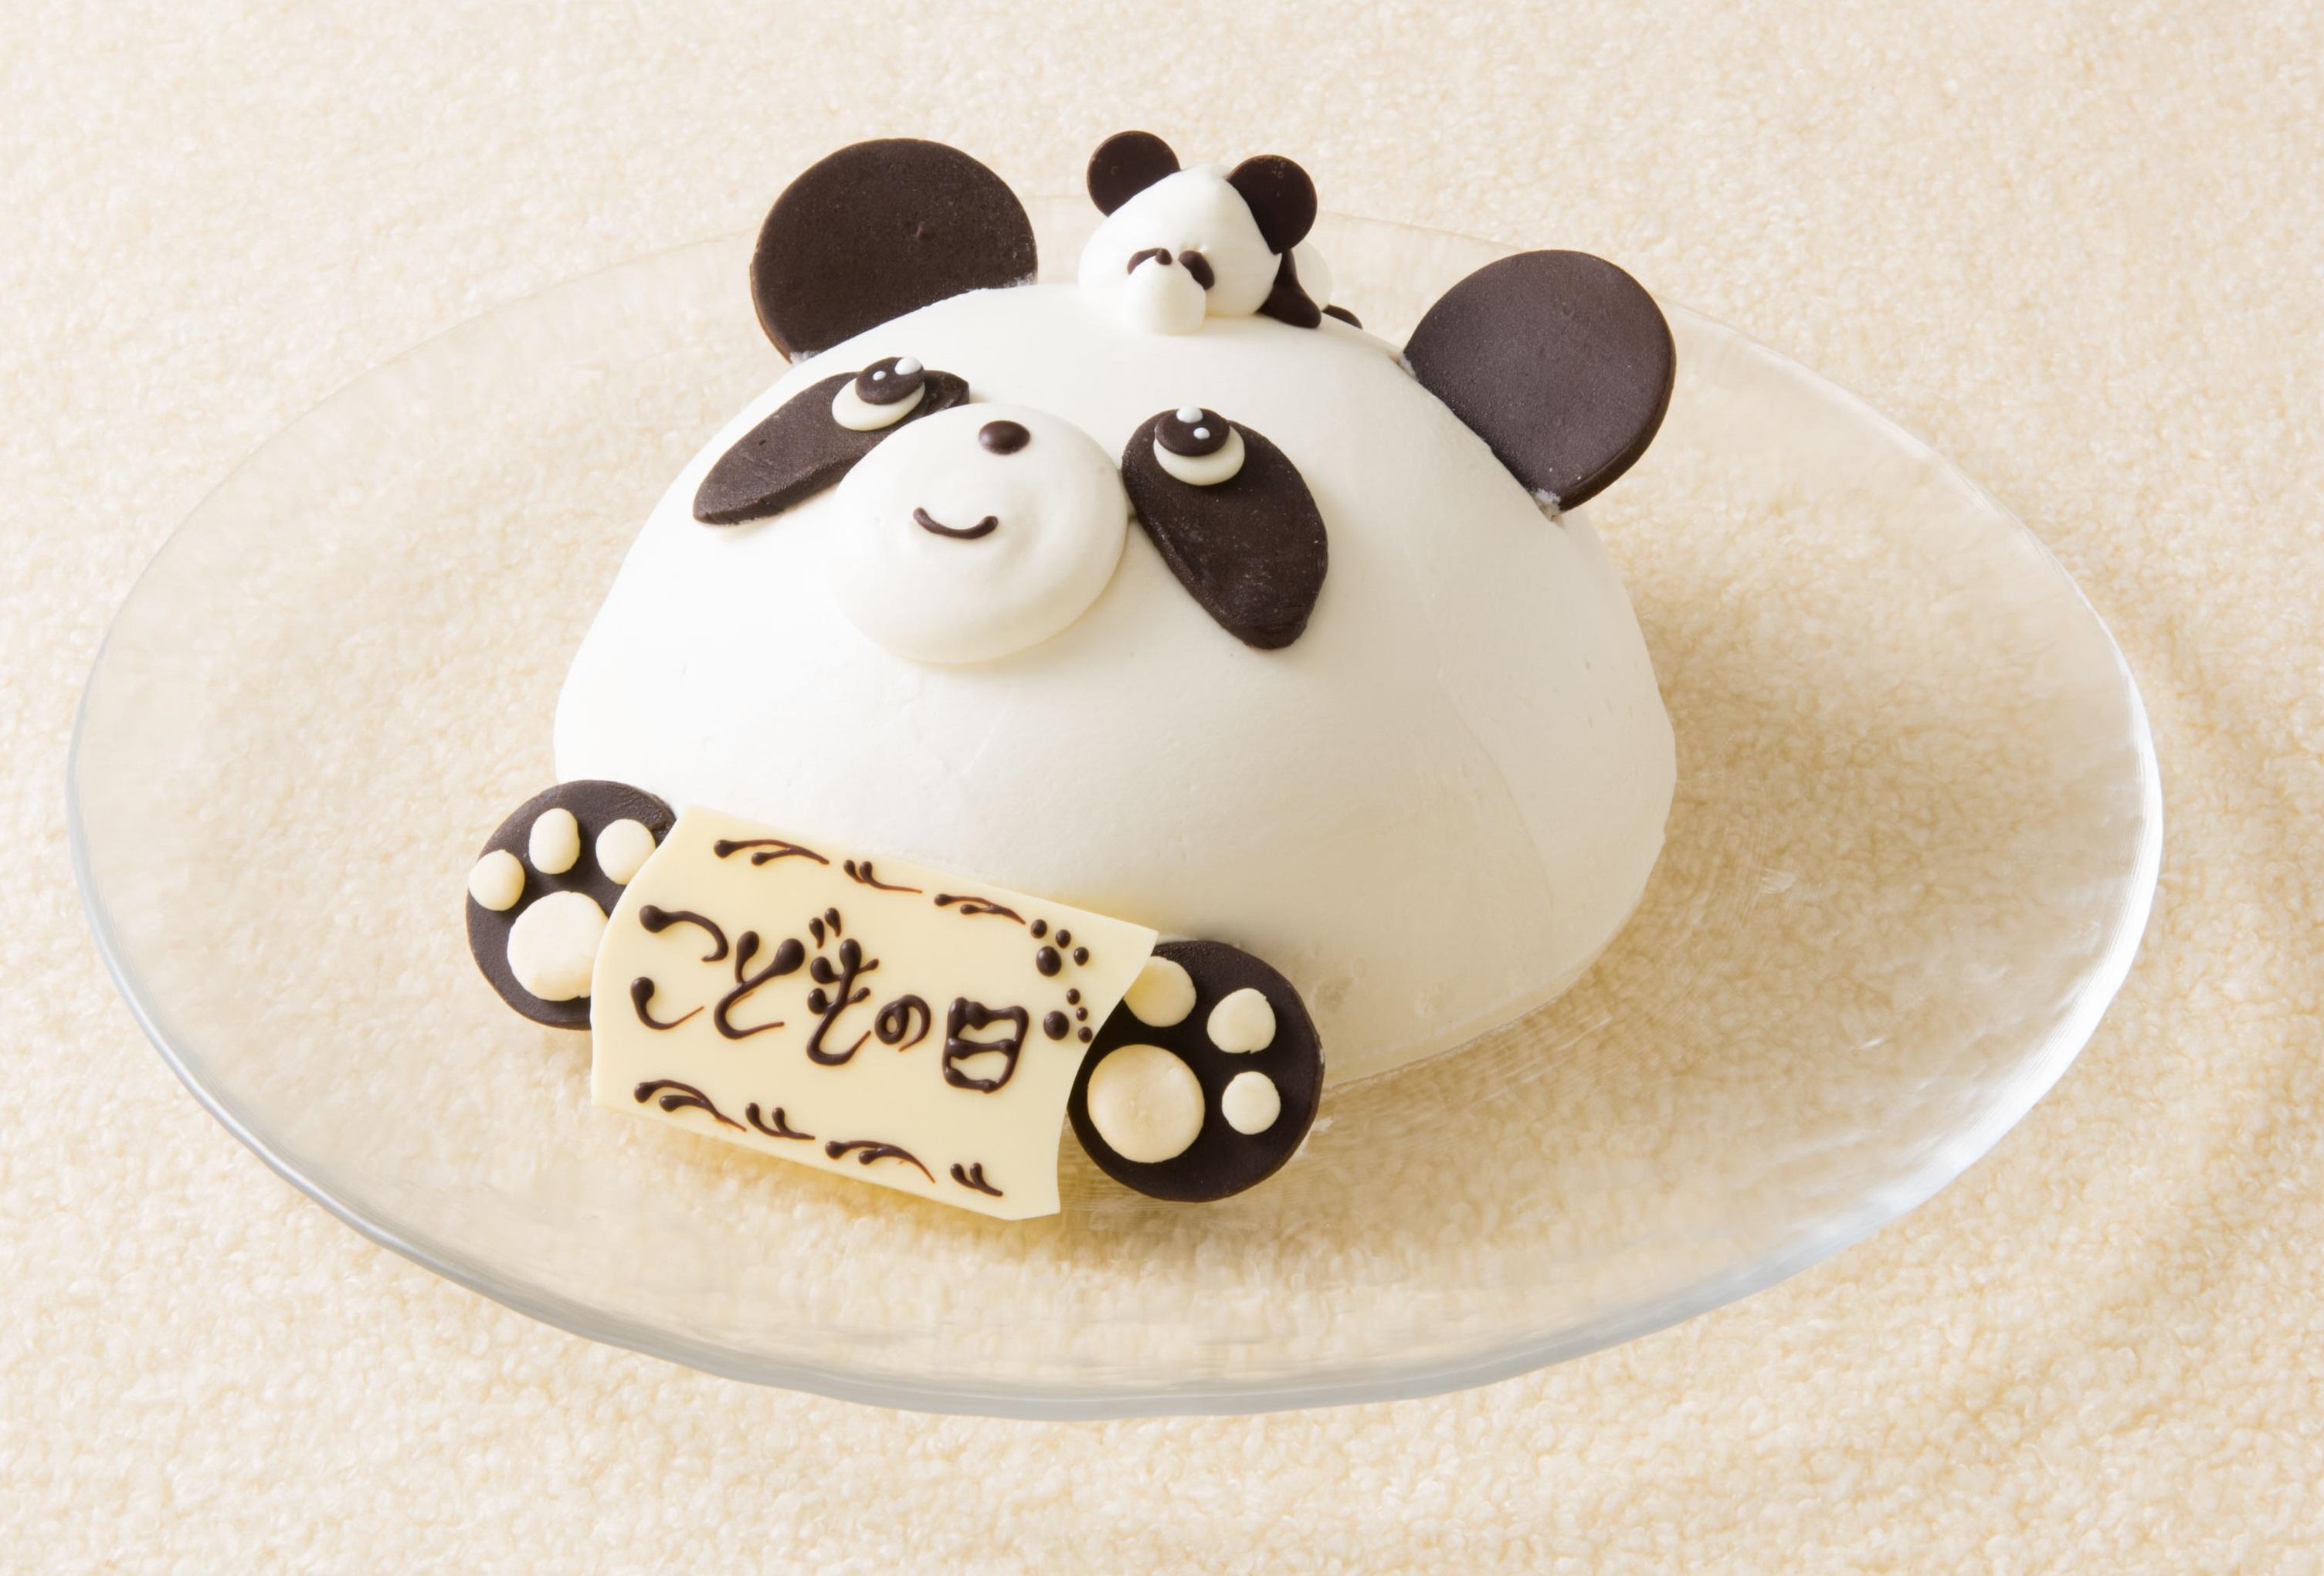 リーガロイヤルホテル東京 親子でパンダフルケーキ legaloyal hotel tokyo oyako de pandaful cake